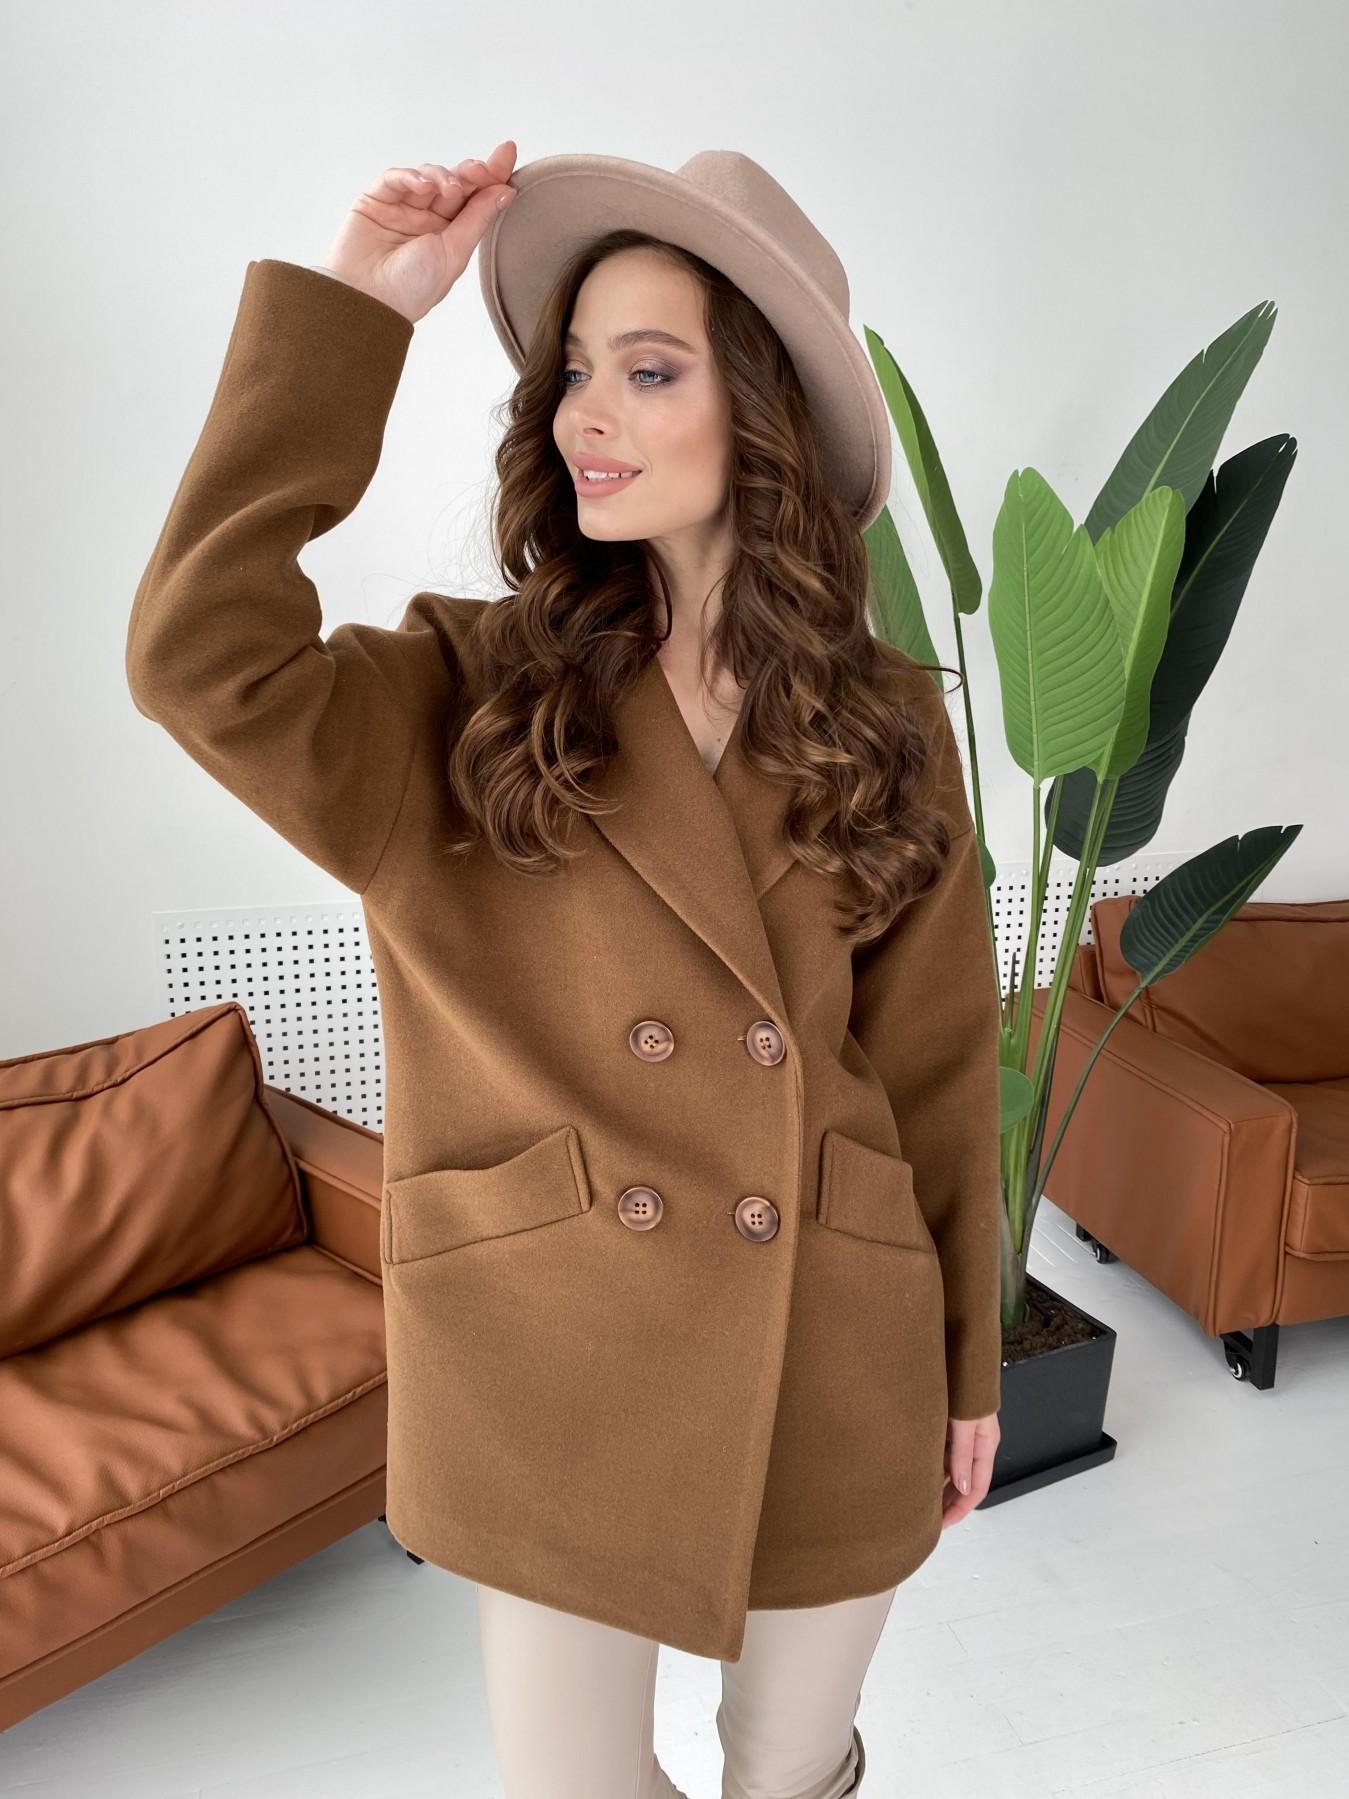 Бонд пальто кашемировое на трикотаже 10642 АРТ. 47008 Цвет: Шоколад - фото 2, интернет магазин tm-modus.ru